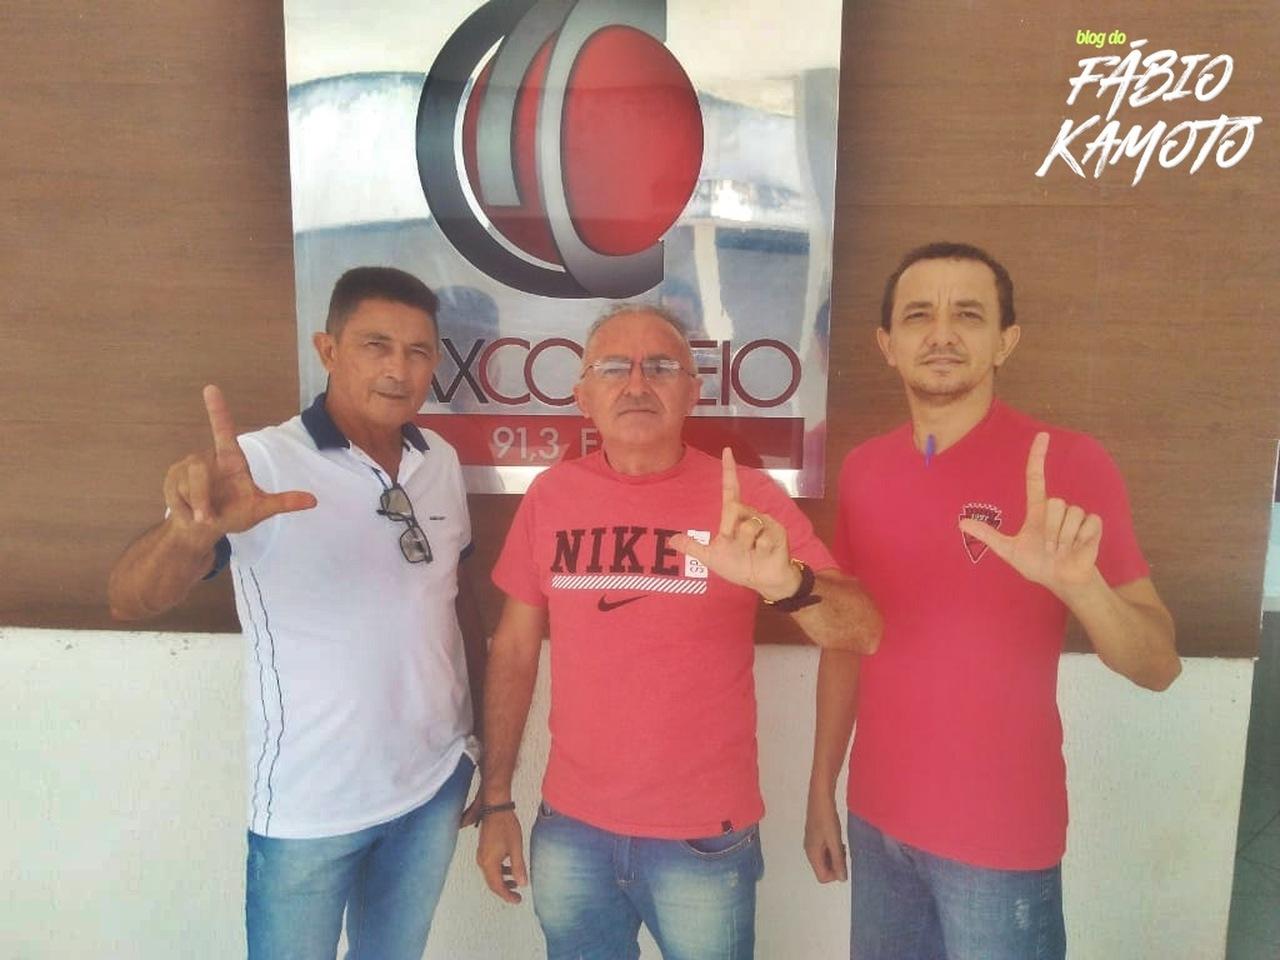 12062020 ADESAOSD Easy Resize.com - É ARROCHO: Ex-vice-prefeito de São Domingos declara apoio ao projeto político de Leonardo de Dedé a prefeito; VEJA.